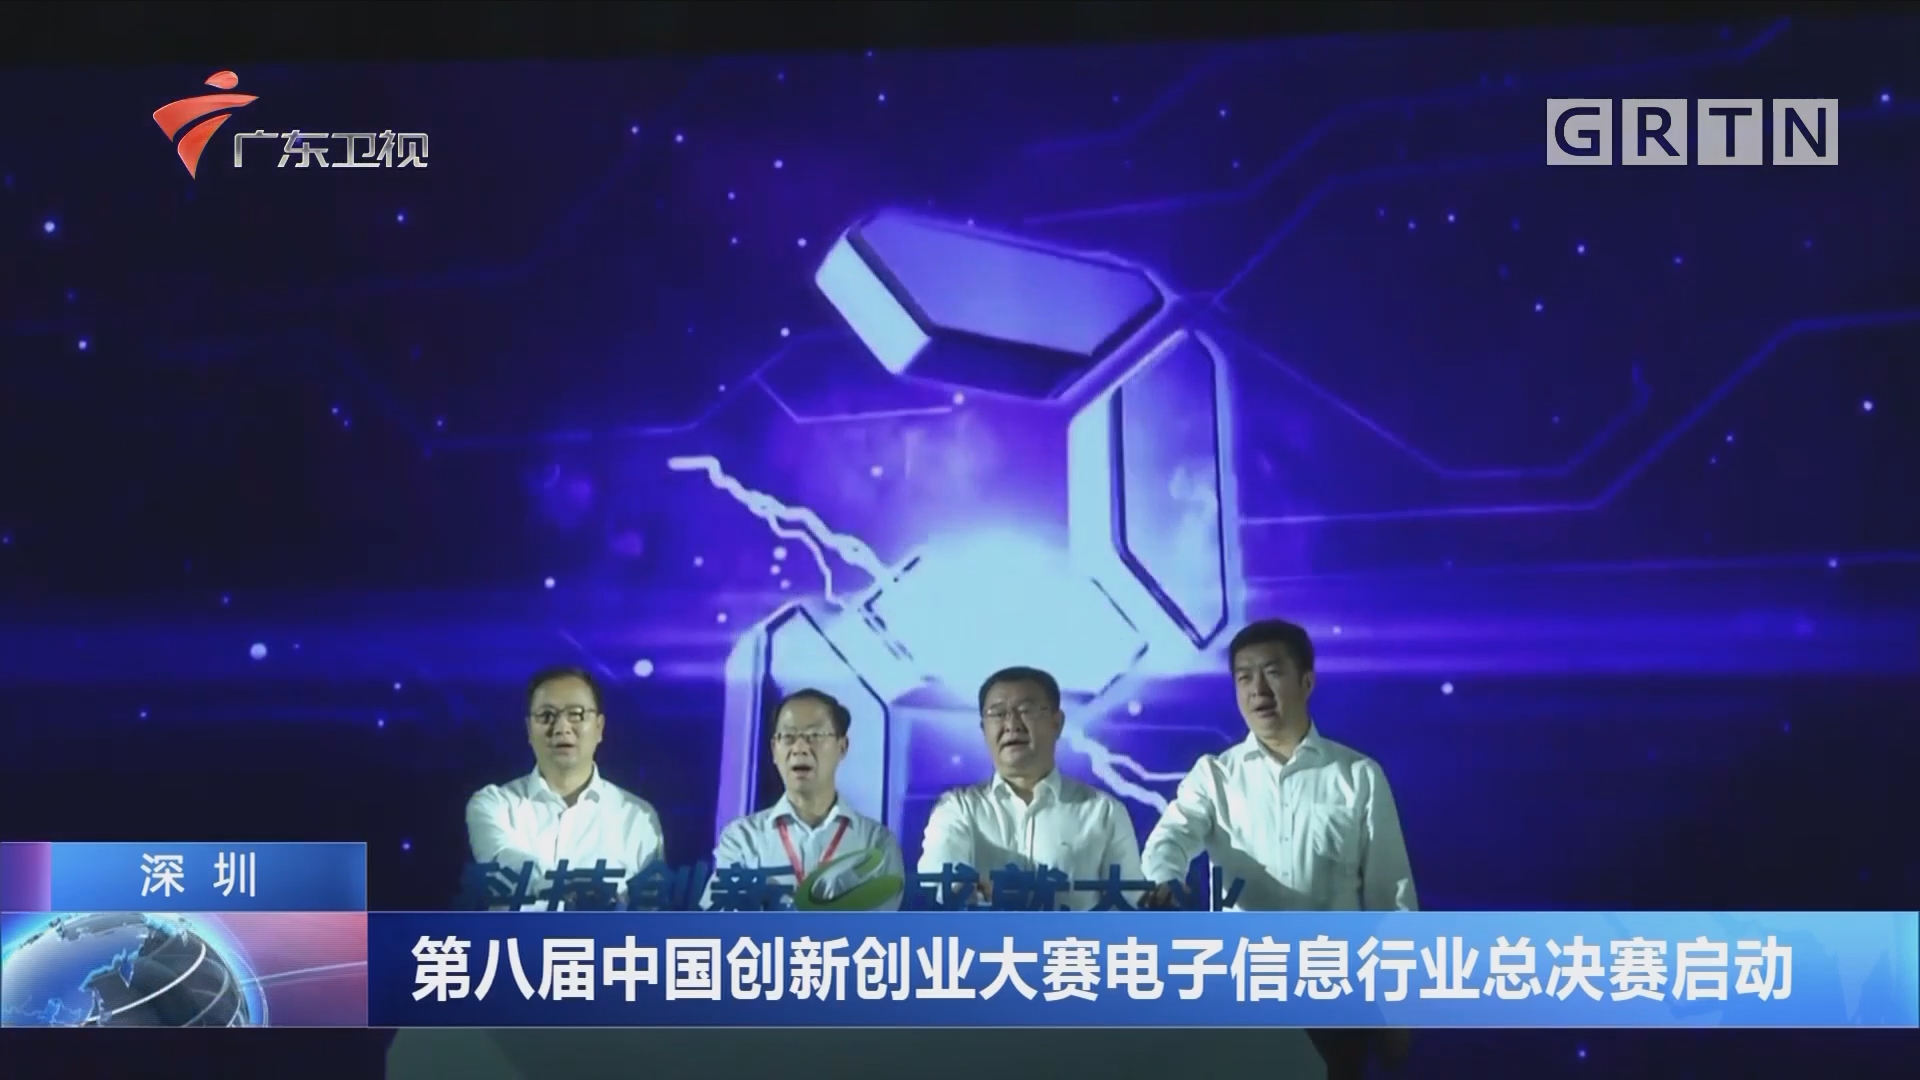 深圳:第八届中国创新创业大赛电子信息行业总决赛启动